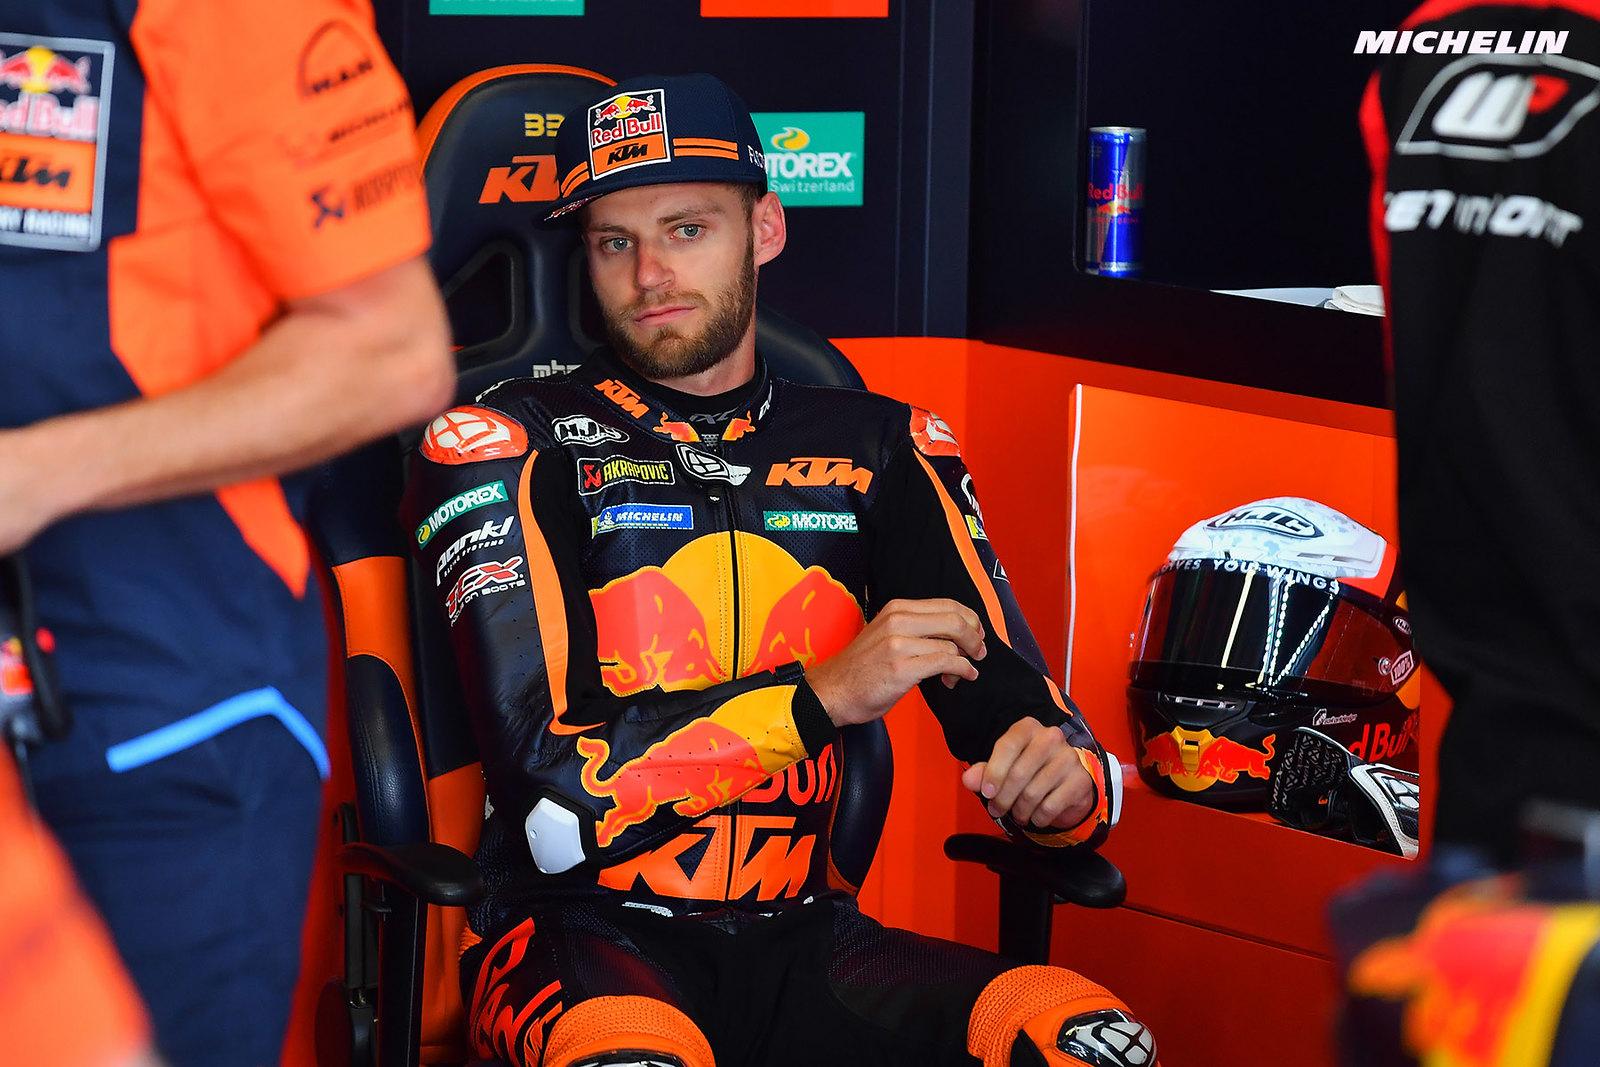 MotoGP2021イタリアGP ブラッド・ビンダー「新しいシャーシのフィーリングが良い」